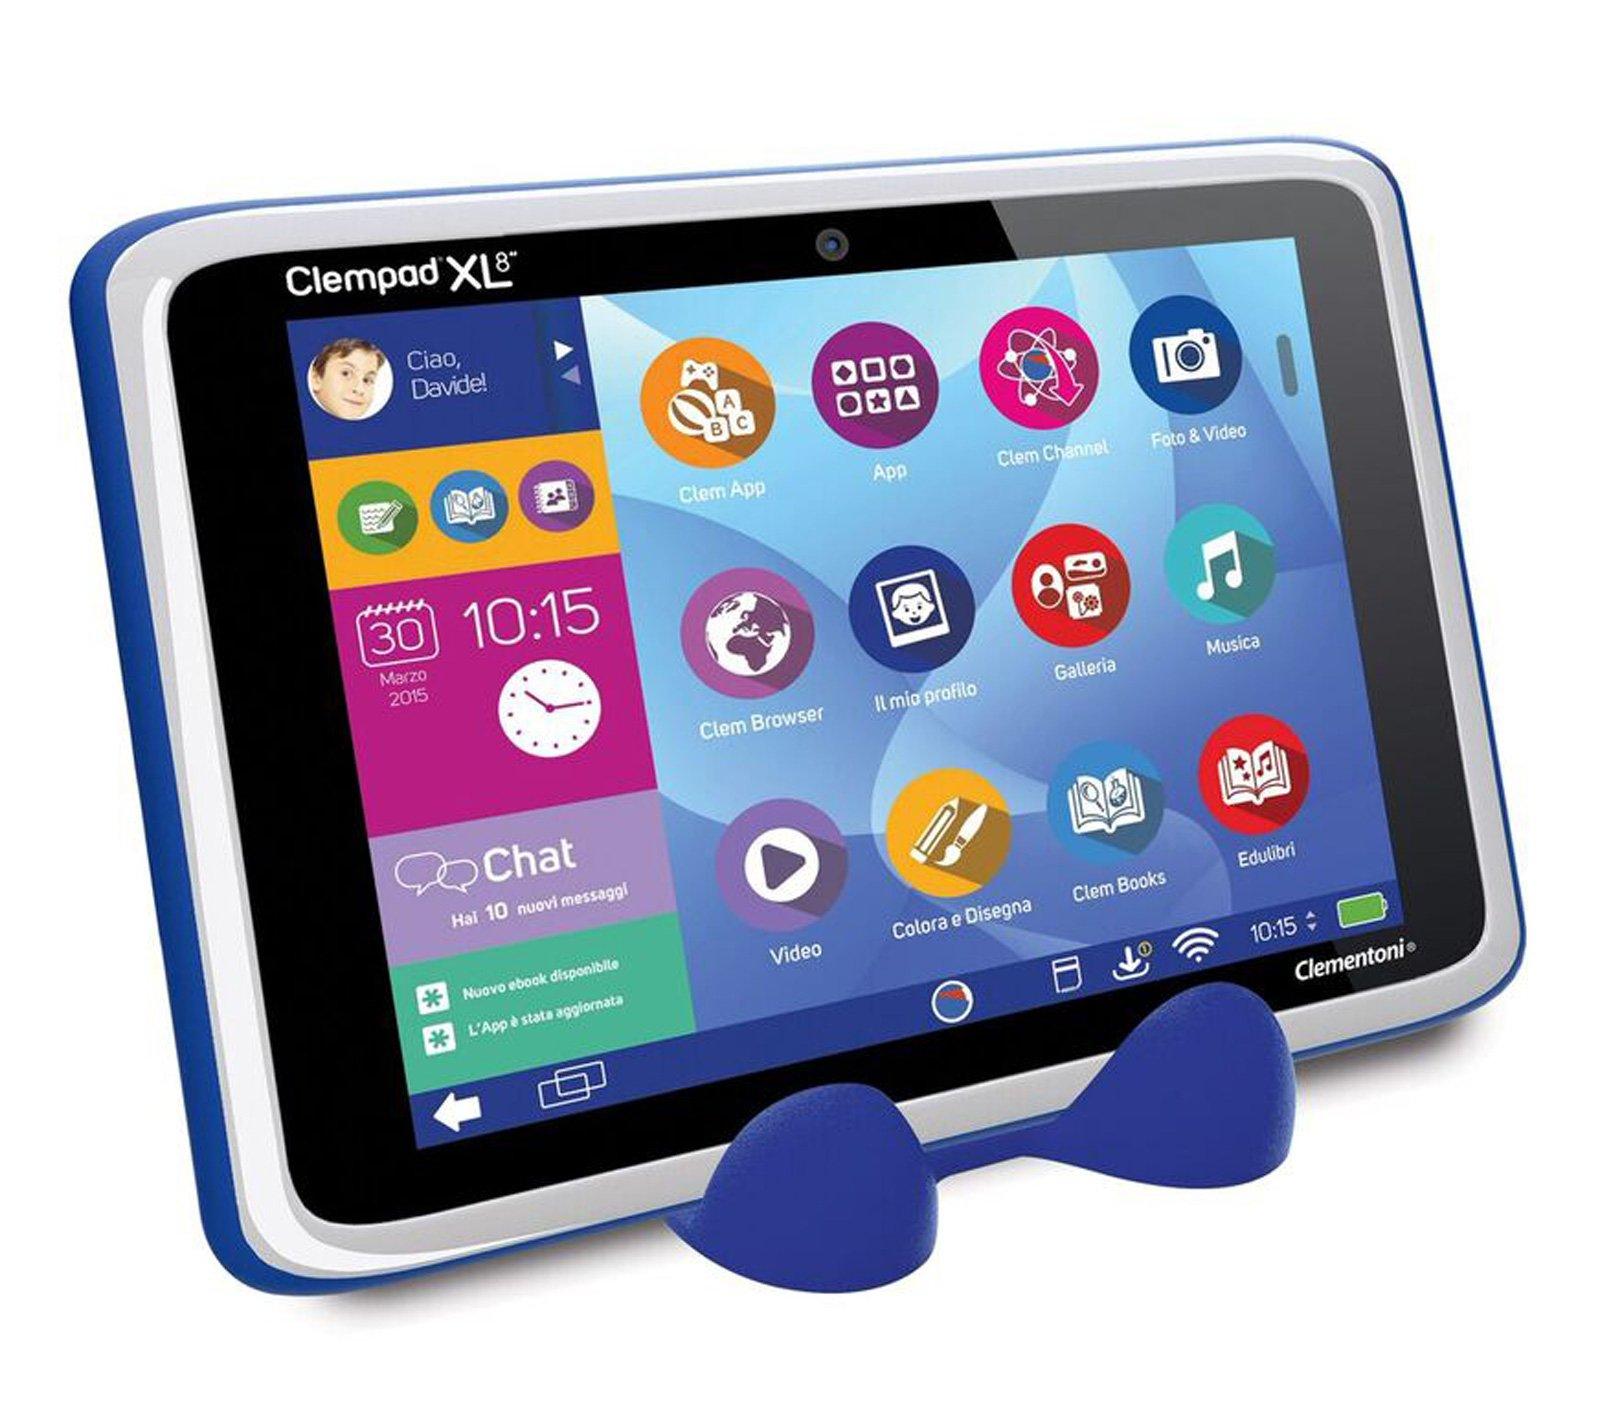 Un Dispositivo Touch Di Ultima Generazione Adatto Ai Bambini Tra I 6 E I 12  Anni.